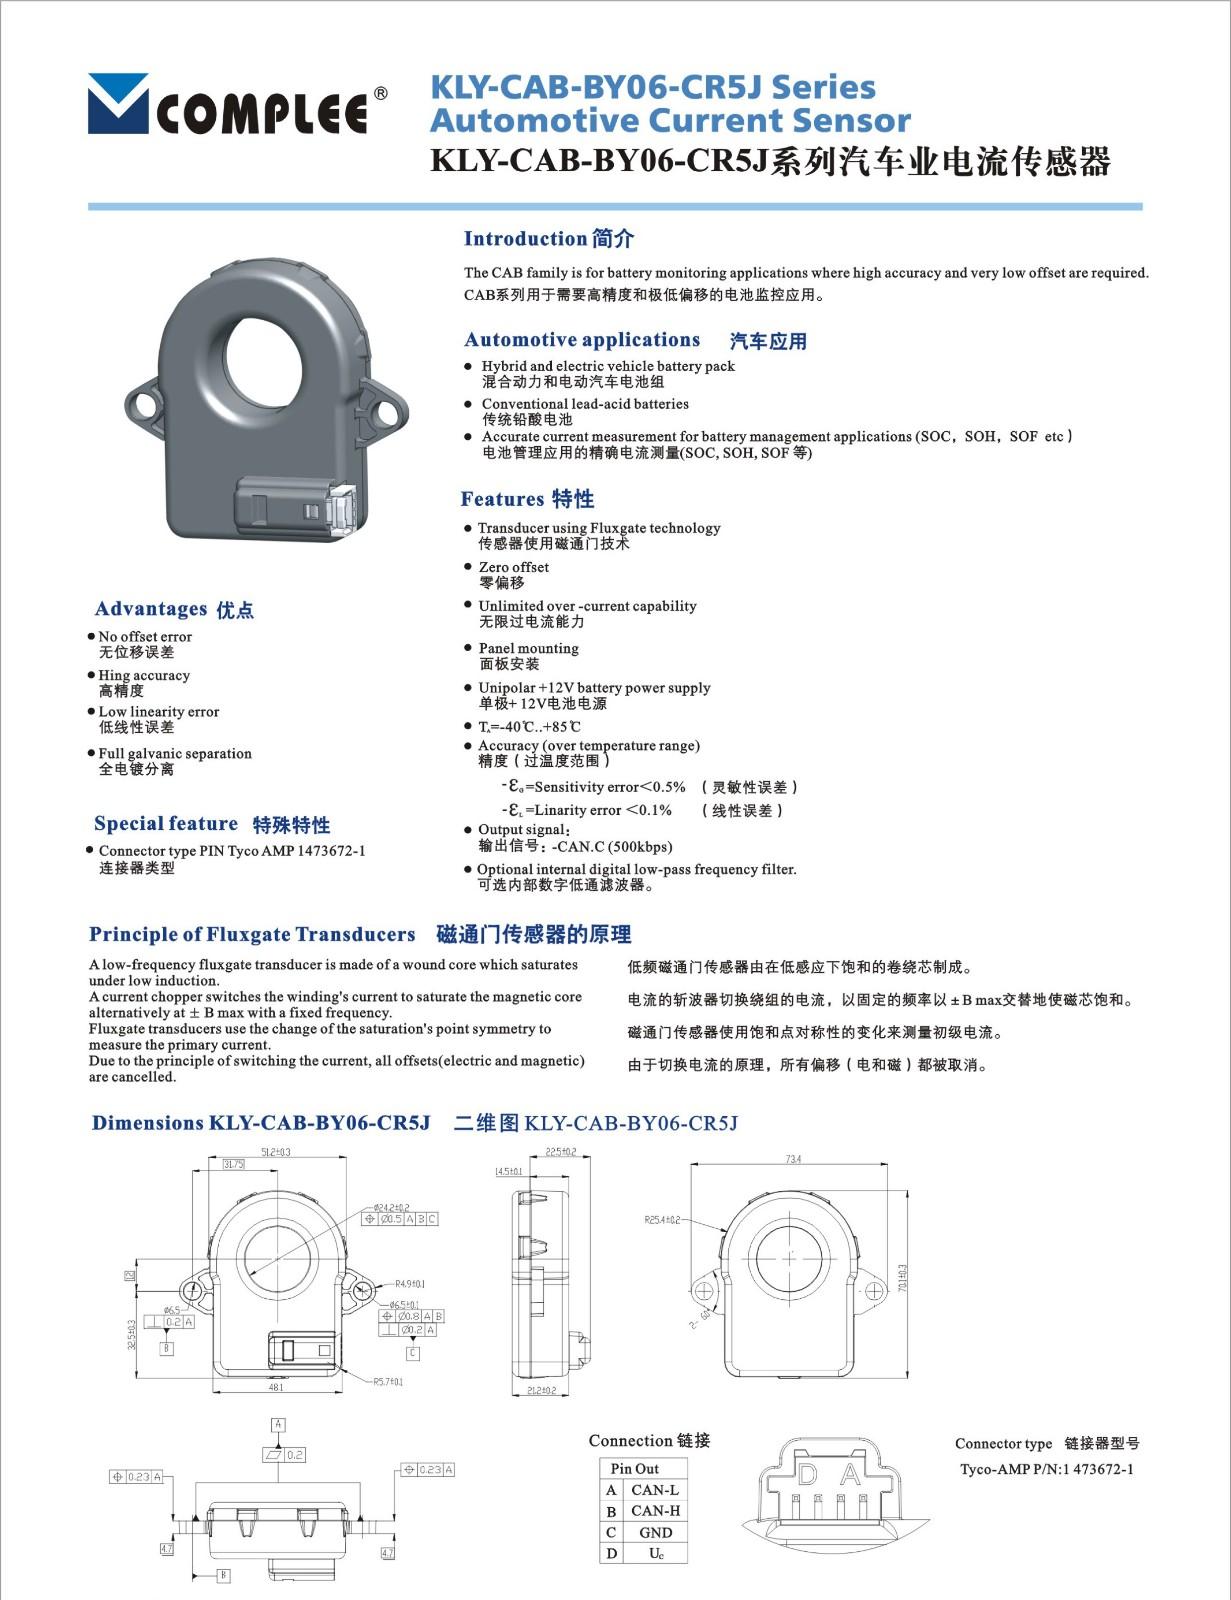 201710霍尔传感器样本-43 正本.jpg